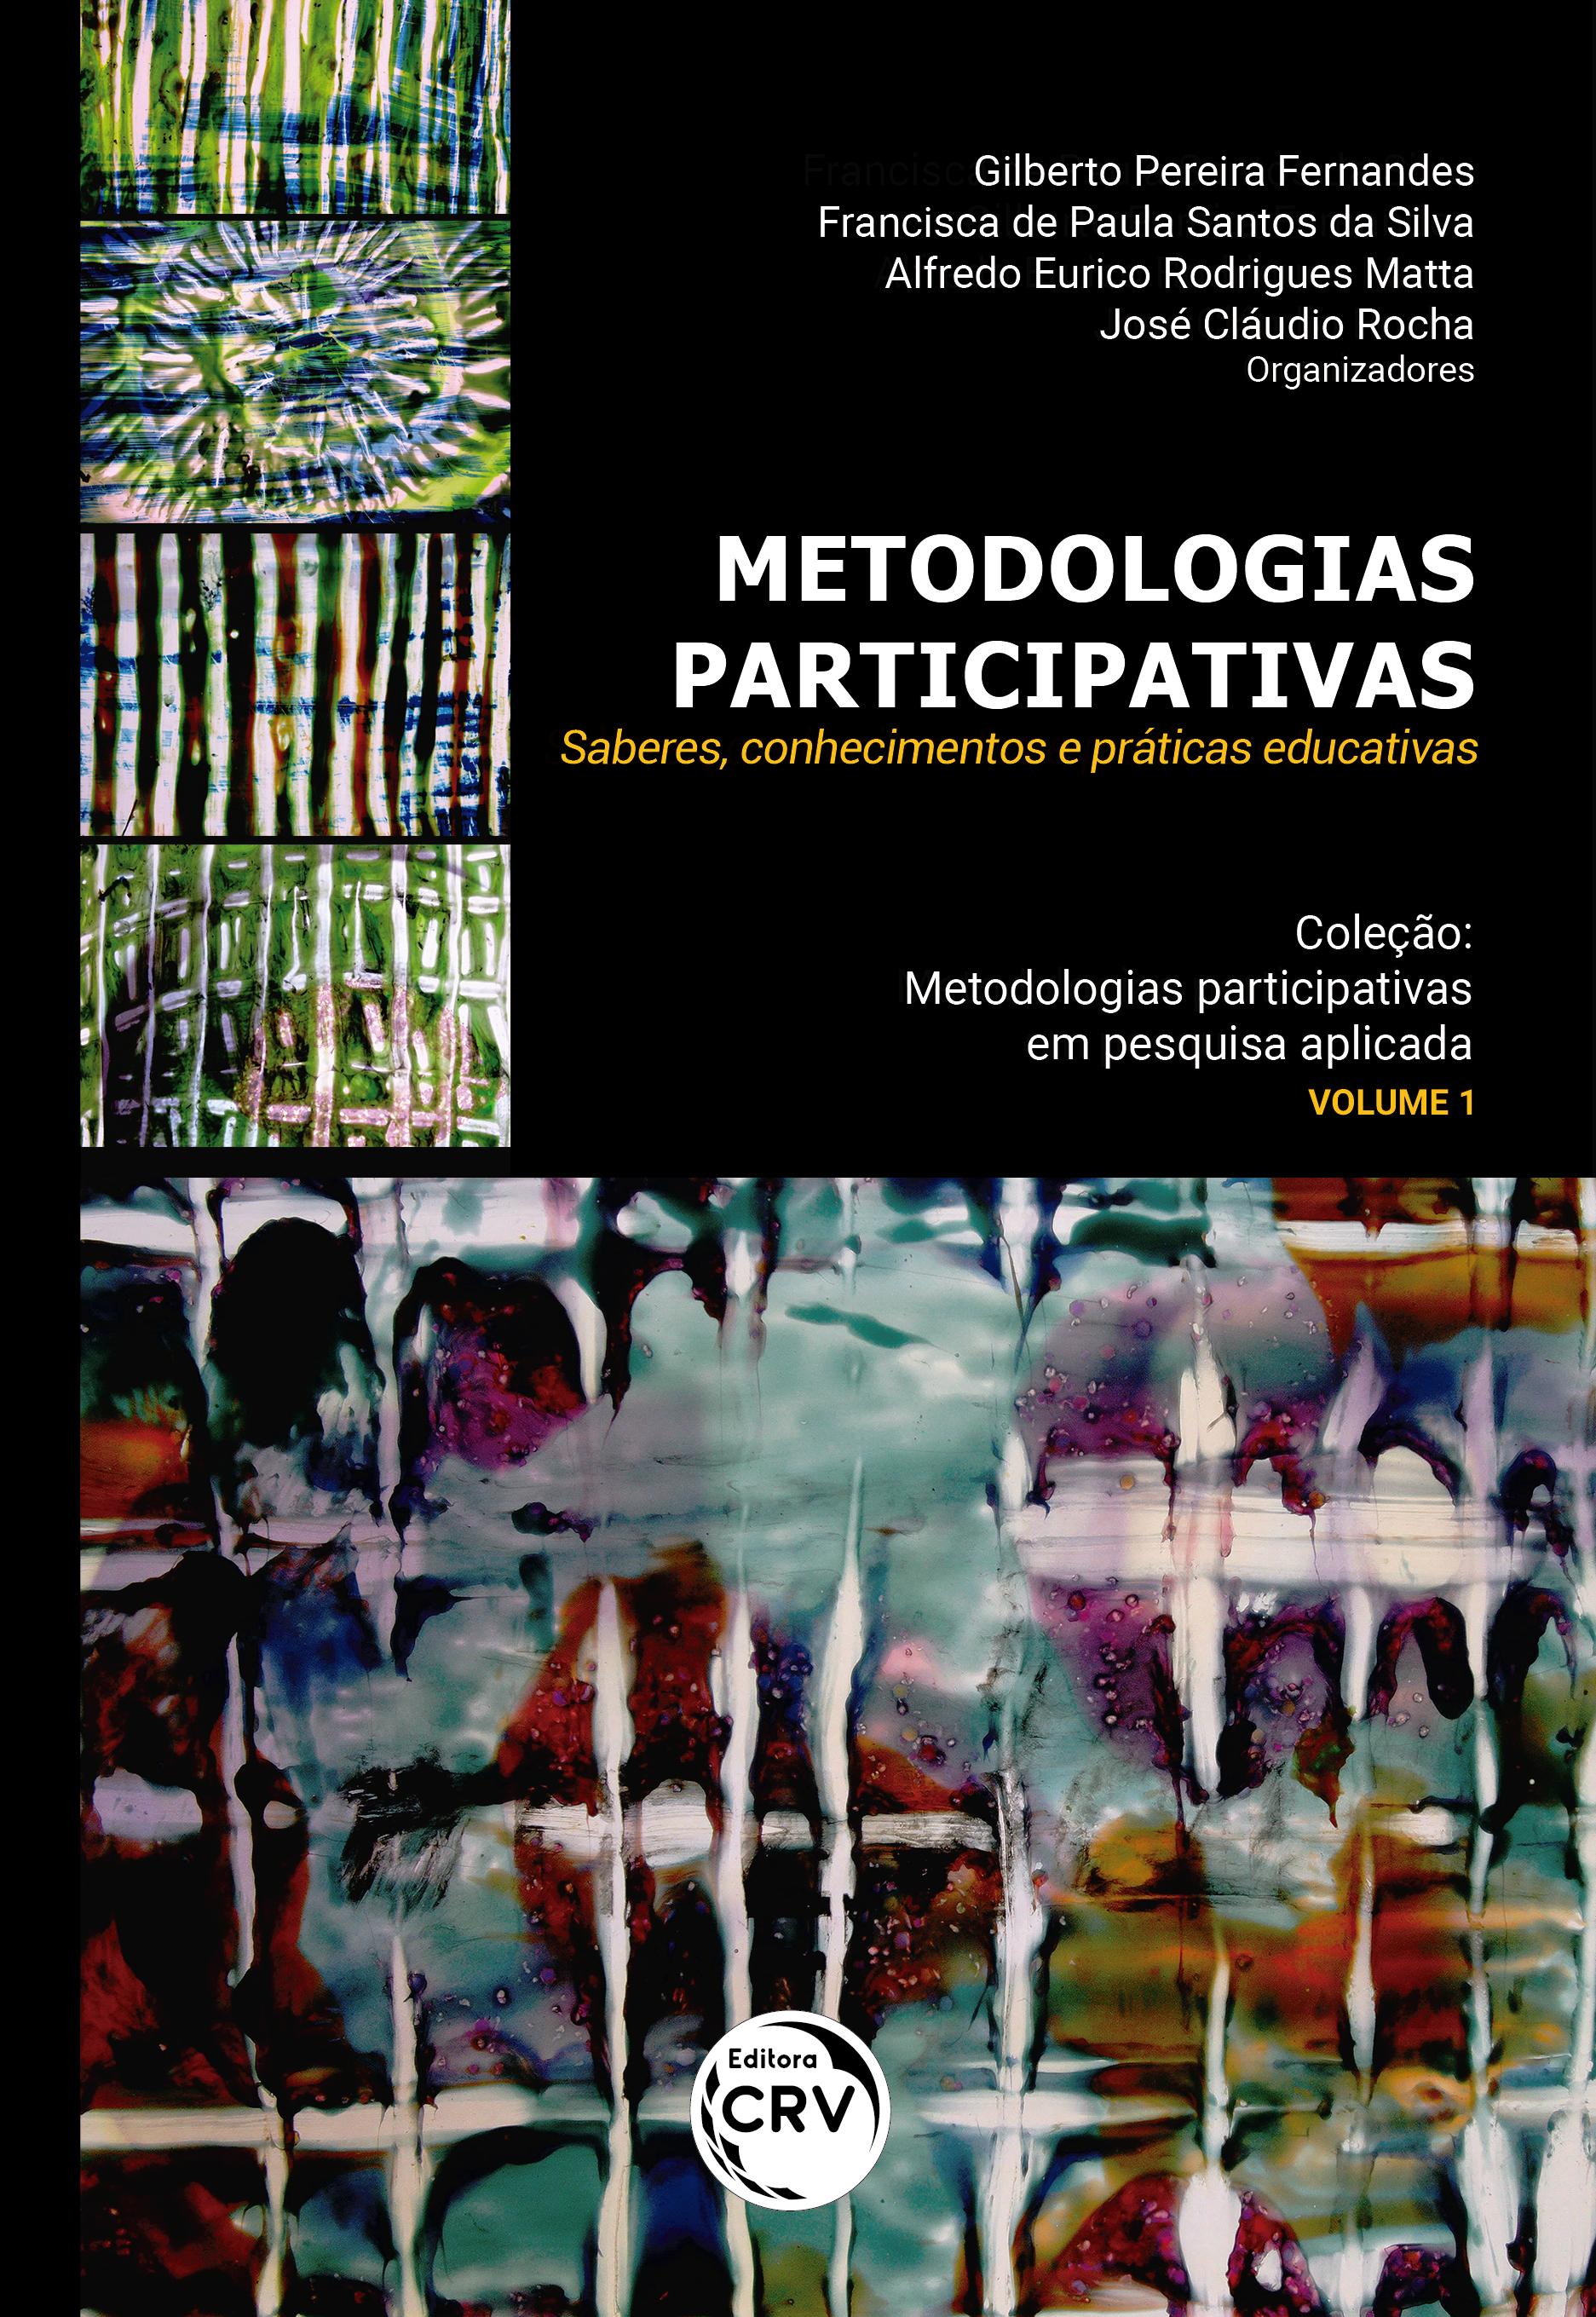 Capa do livro: METODOLOGIAS PARTICIPATIVAS: Saberes, conhecimentos e práticas educativas <br>Coleção Metodologias participativas em pesquisa Aplicada<br> Volume 1